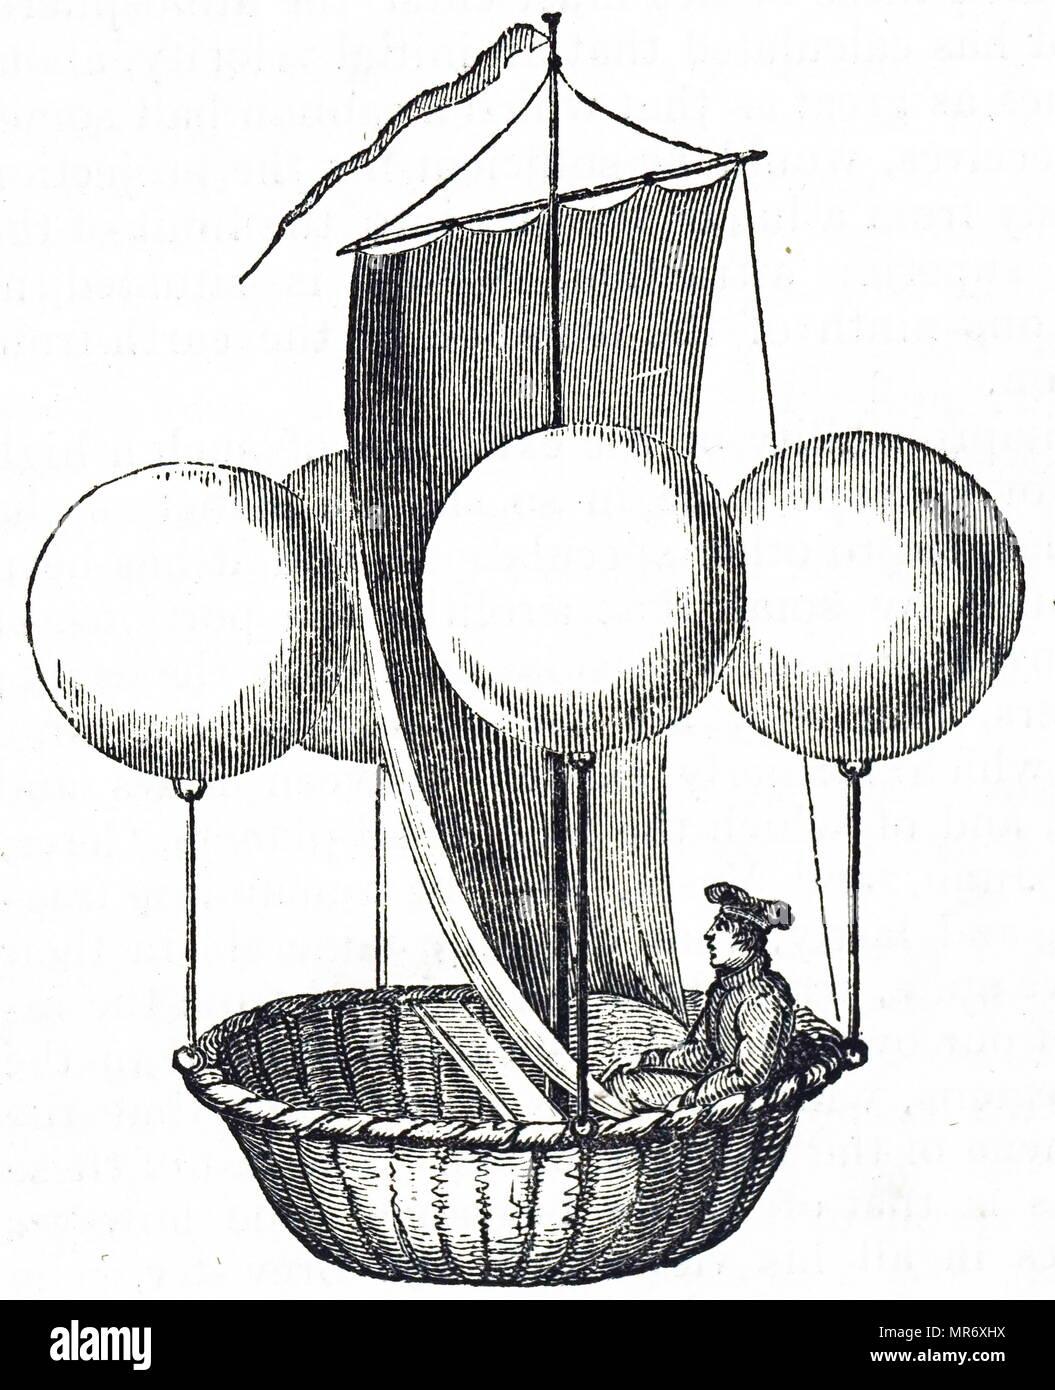 Grabado representando Francesco Lana de Terzi's flying boat concepto. Francesco Lana de Terzi (1631-1687), un sacerdote jesuita italiano, matemático, naturalista y pionero de la aeronáutica. Fecha del siglo XIX Imagen De Stock